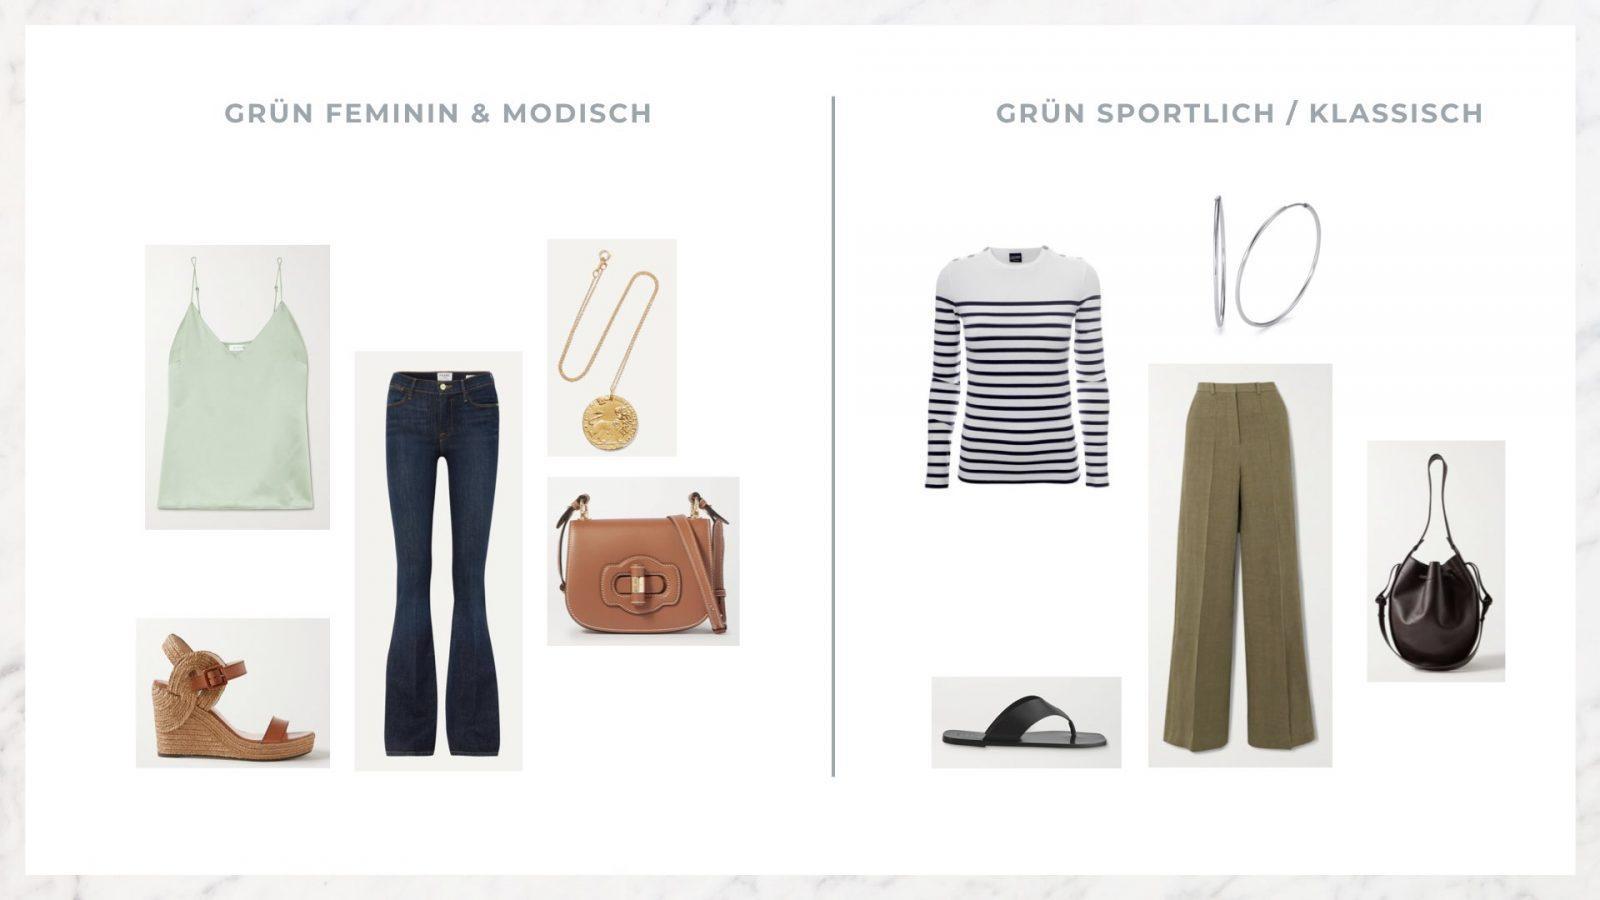 grünes Top mit Jeans und Sandalen